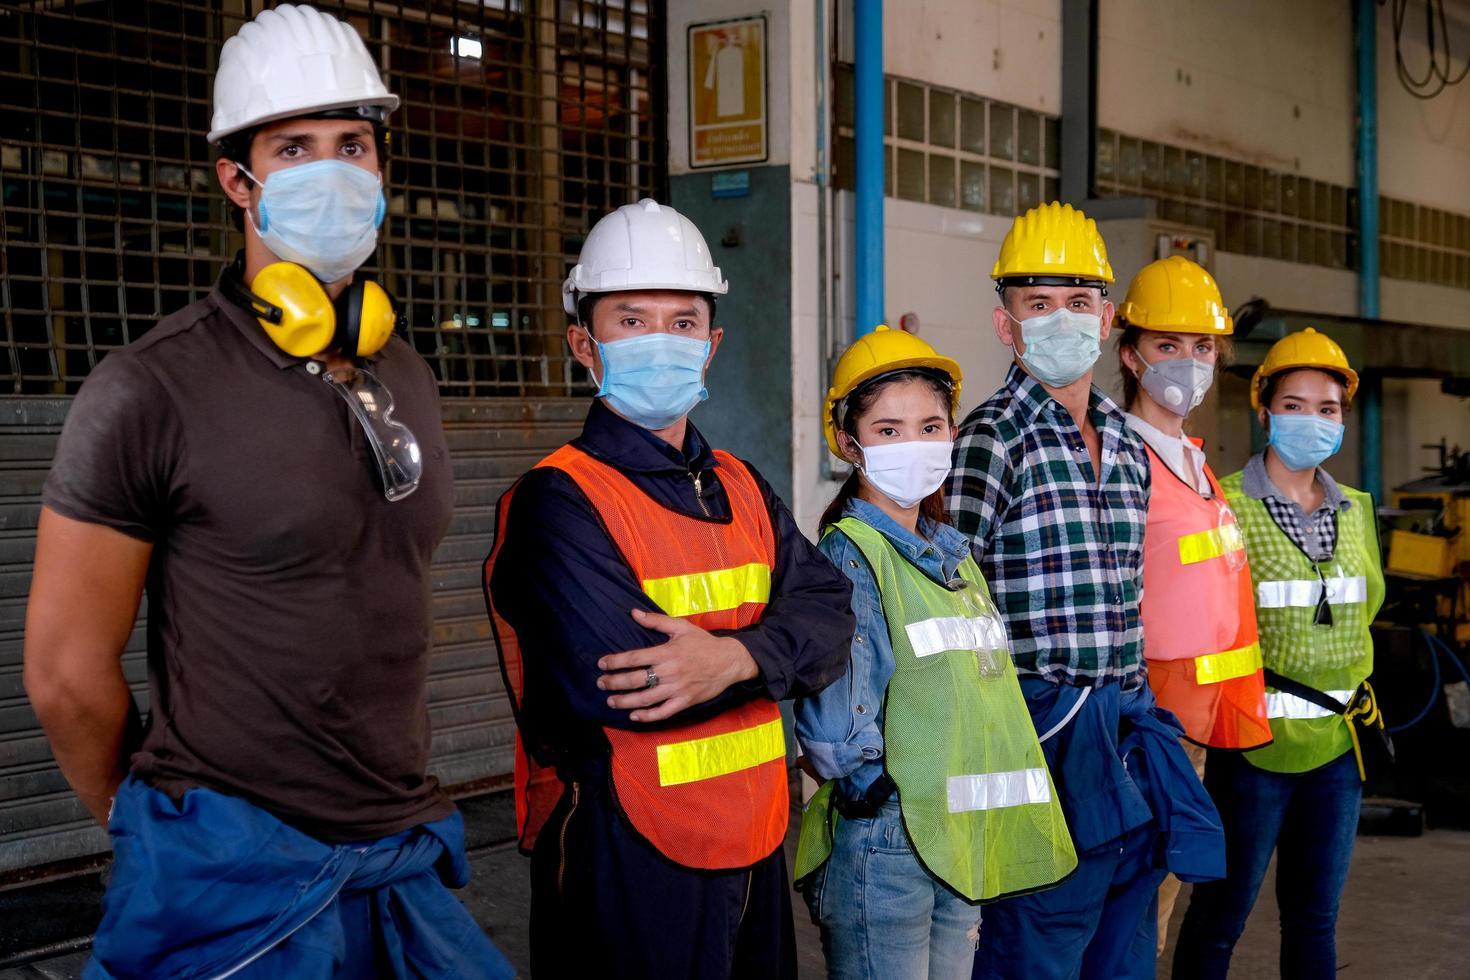 professionelle Industriearbeiter stehen zusammen foto